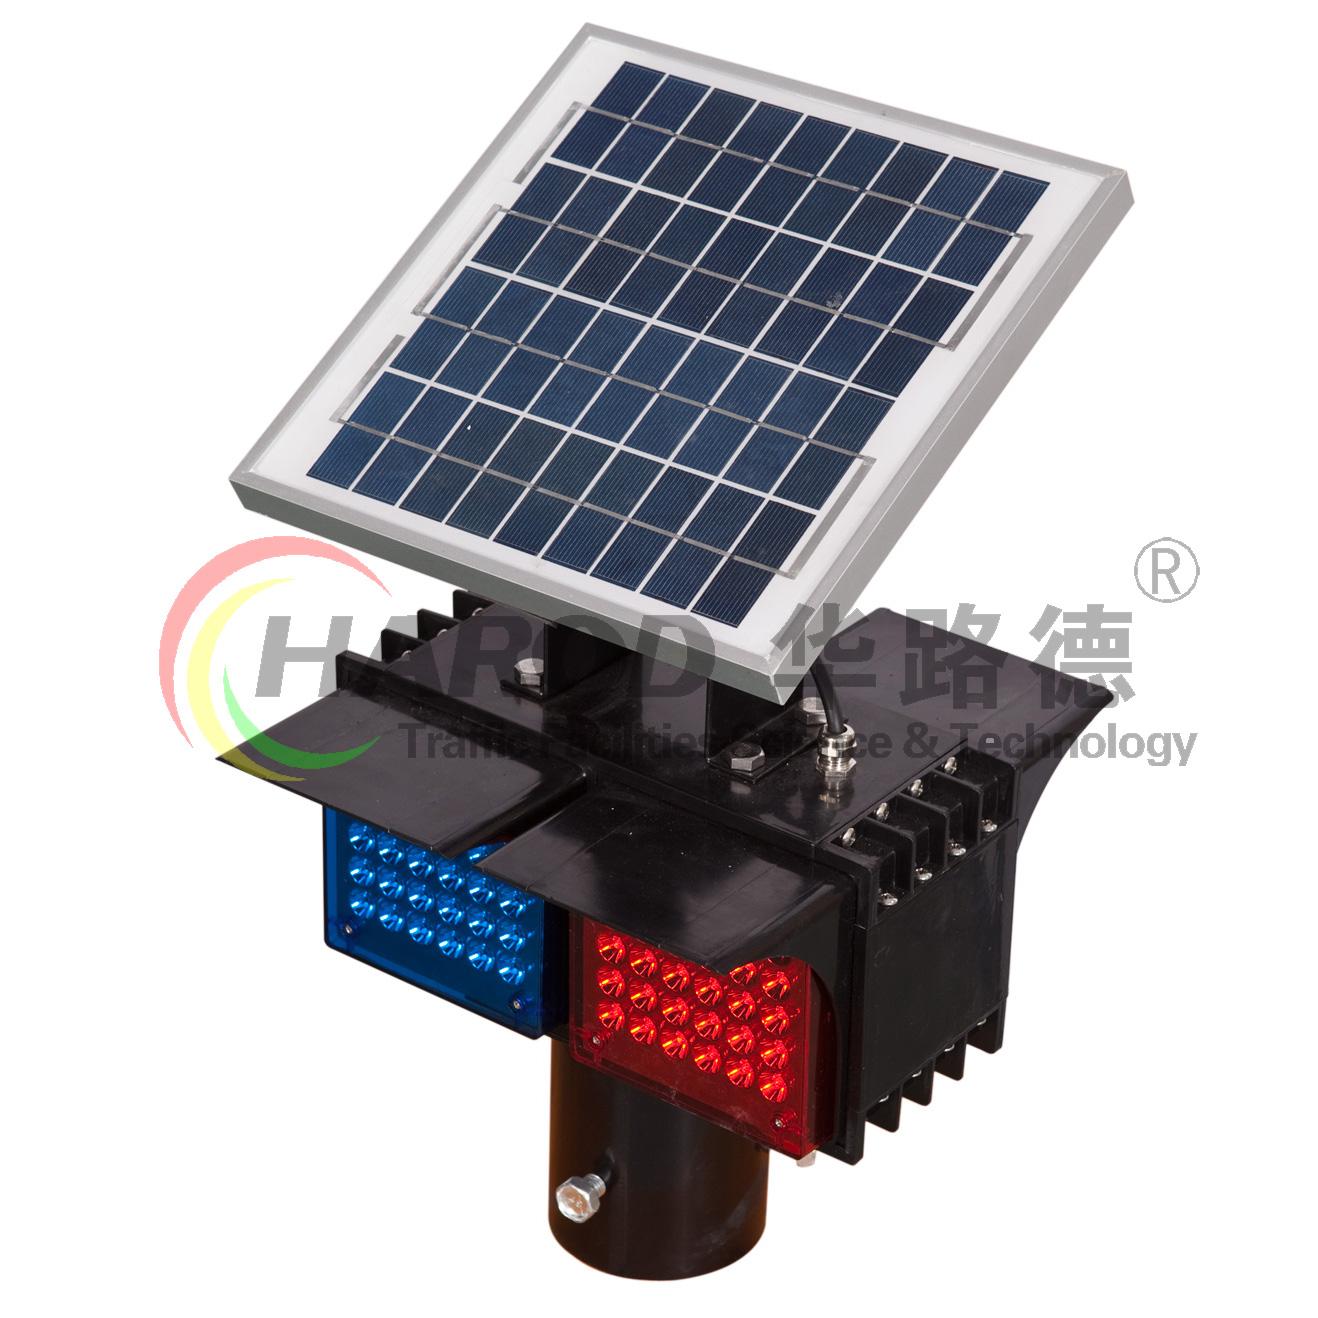 太阳能爆闪灯常见故障如何排除,几点问题总结如下: 1、检查连续阴雨天时间超过了爆闪灯极限阴雨天使用天数。 2、拔出爆闪灯与太阳能板连接线,5秒后再插入,检查爆闪灯能否点亮。 3、在阳光充足时打开太阳能板接线盒,用万用表测量正负极电压,若15V以上表明太阳能板未充电,若低于12V表明蓄电池长期亏电使用。  本文链接: